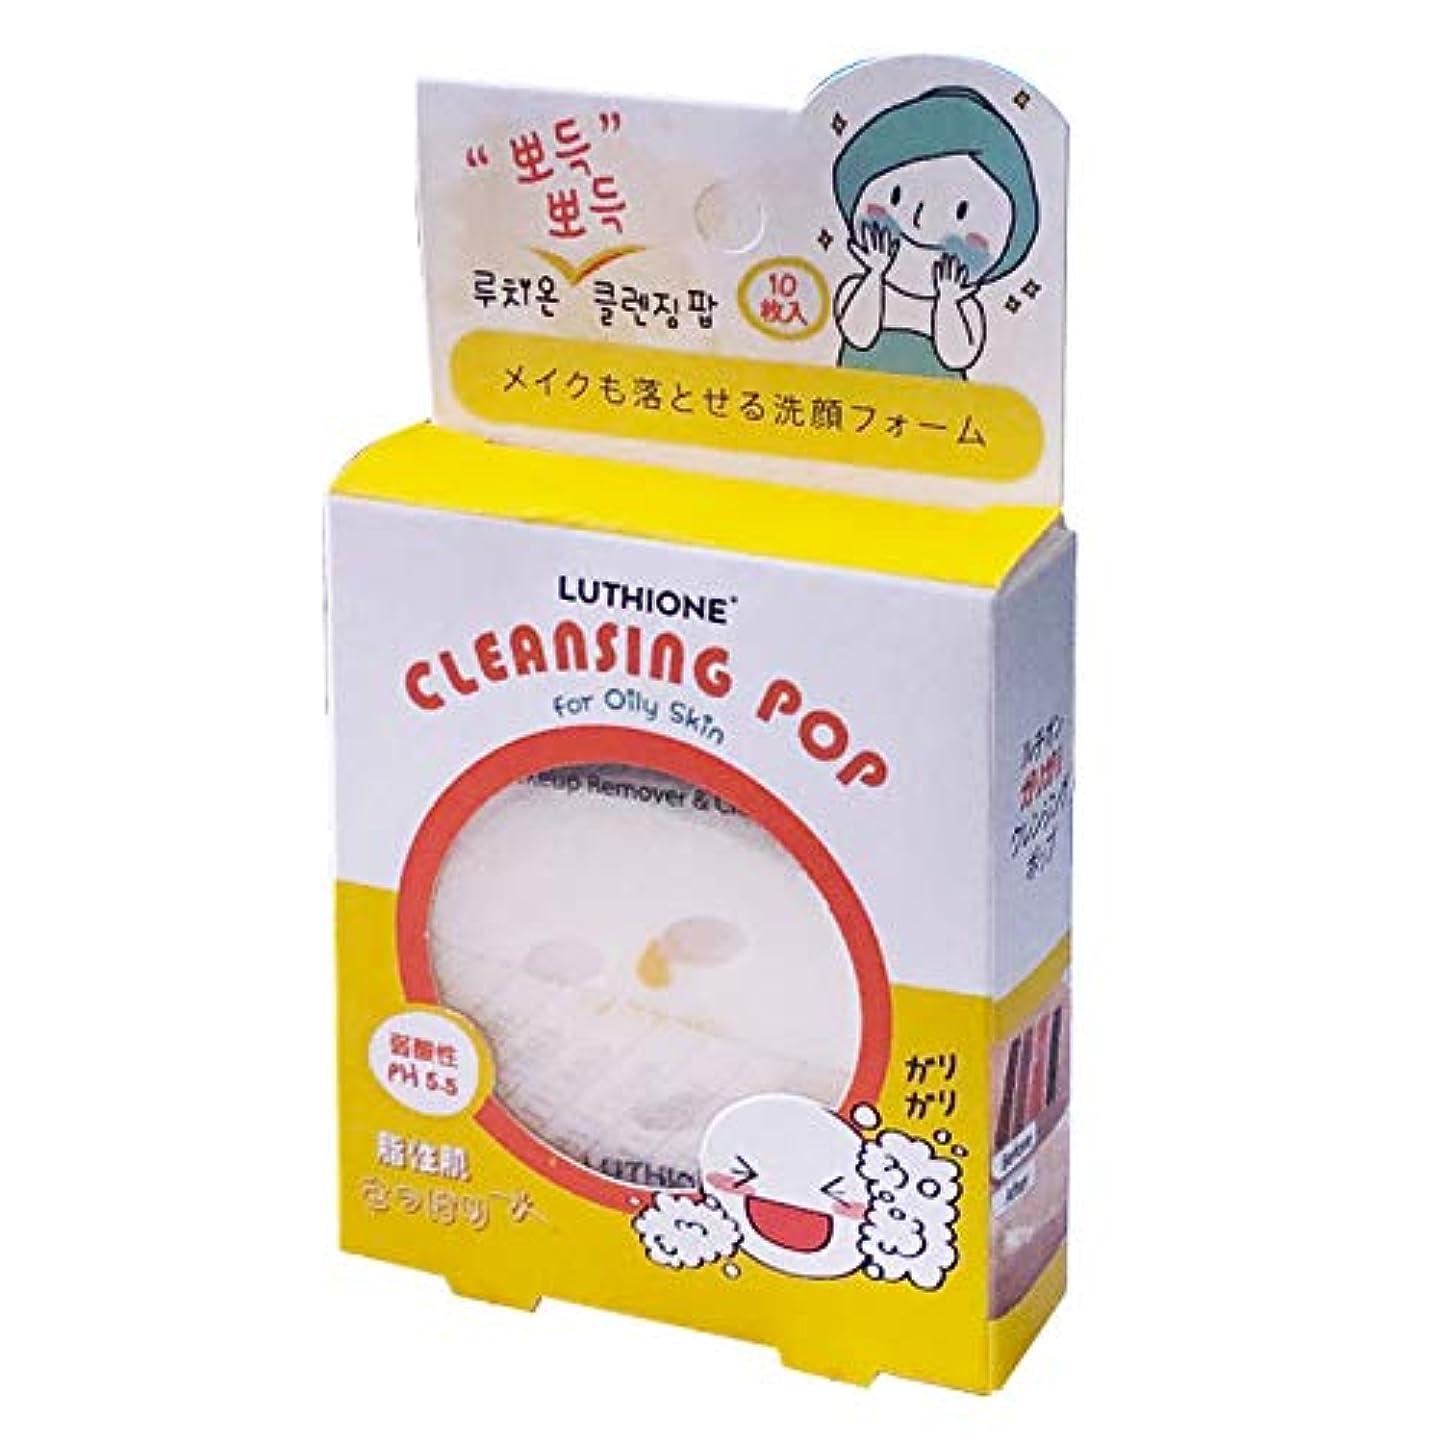 読みやすさレンダリング音楽家【まとめ買い】ルチオン クレンジングポップ (LUTHIONE CLEANSING POP) 脂性肌 10枚入り ×6個